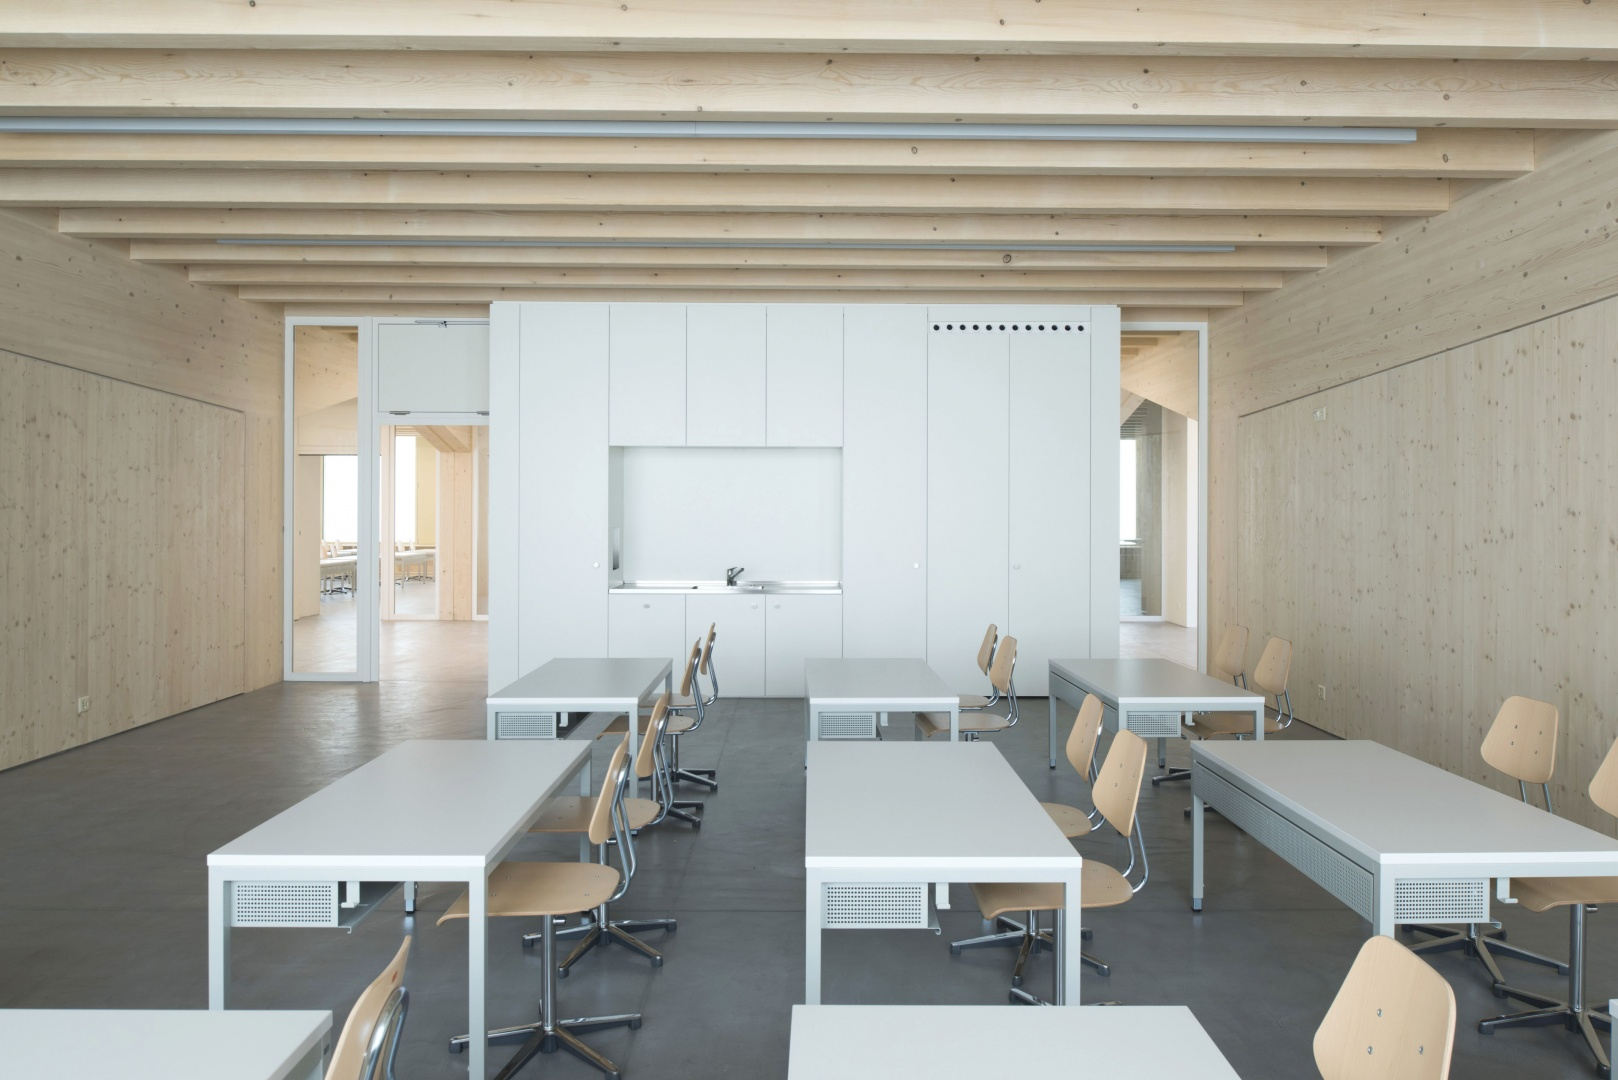 Klassenzimmer Ansicht 4 © Projet et réalisation : Ruffieux-Chehab Architectes SA, Photos : Primula Bosshard